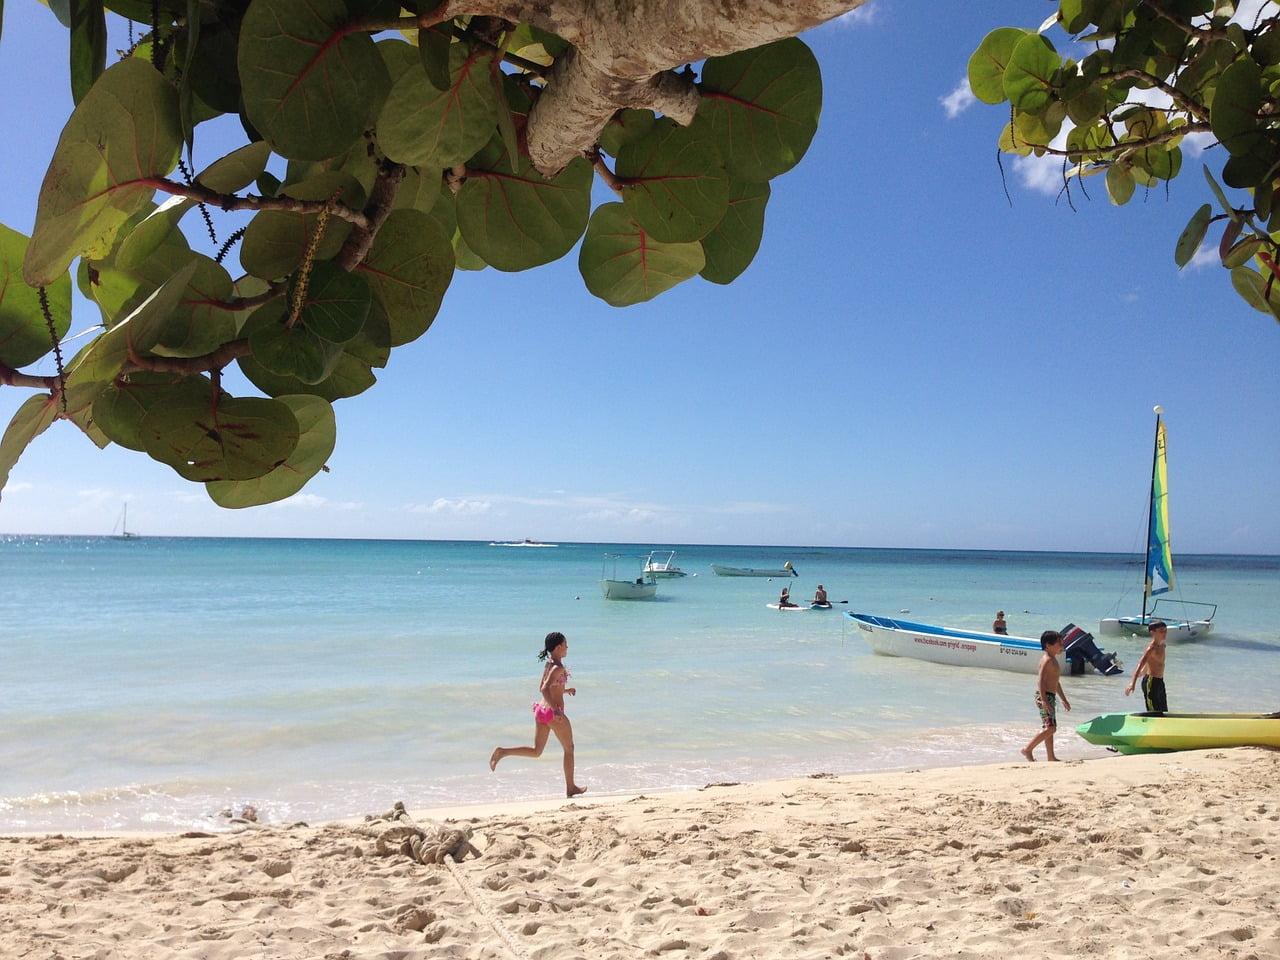 Un sito per prenotare una vacanza fai da te a Santo Domingo